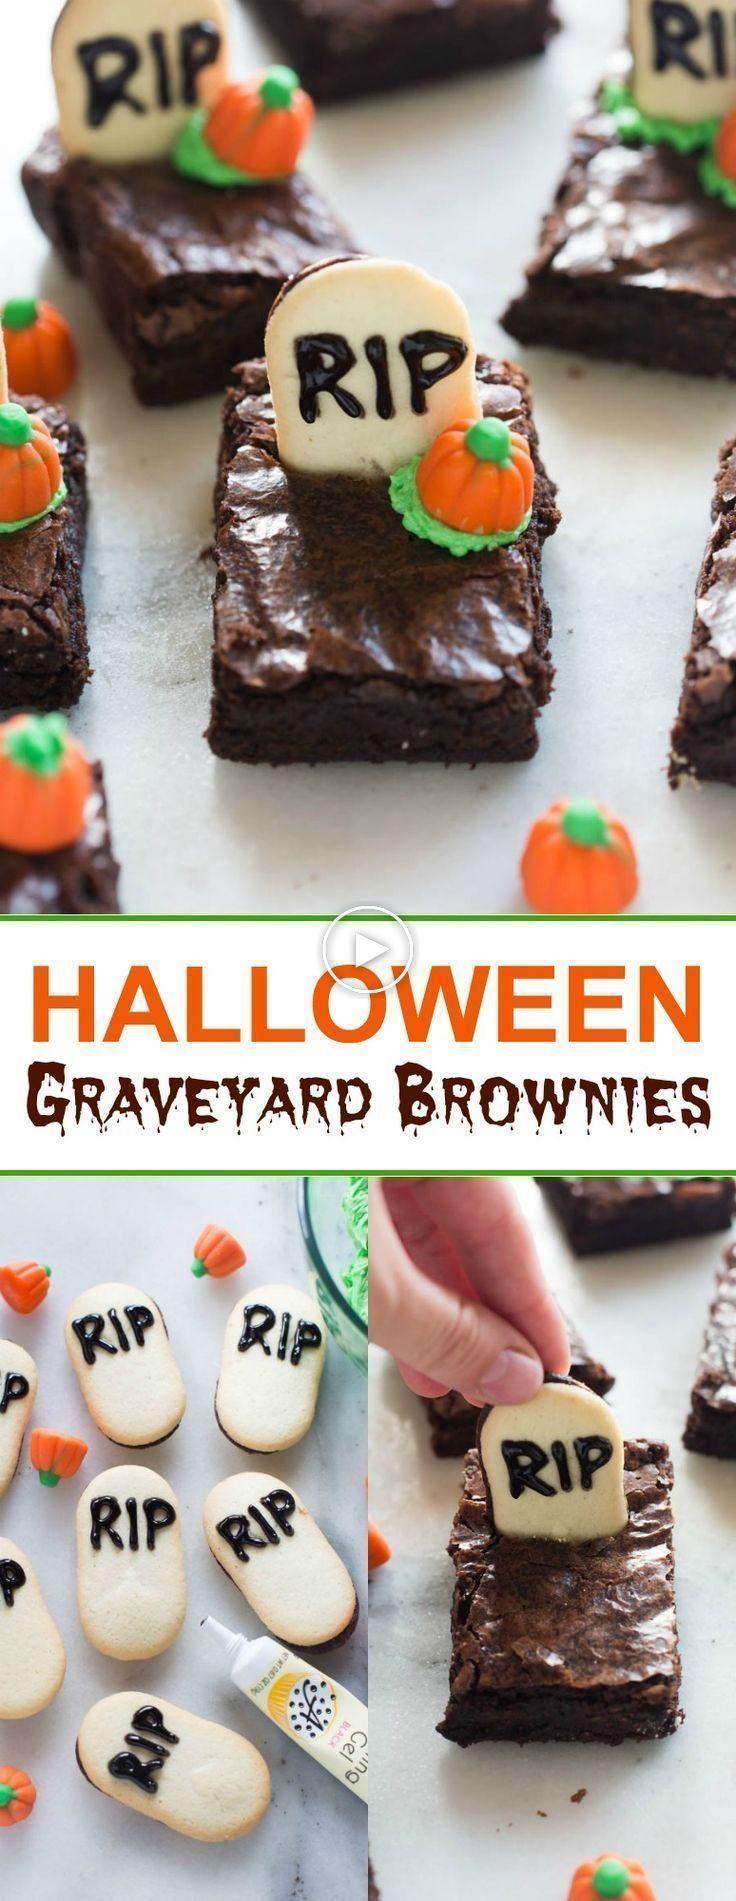 Kerkhof Halloween Brownies #halloweenbrownies